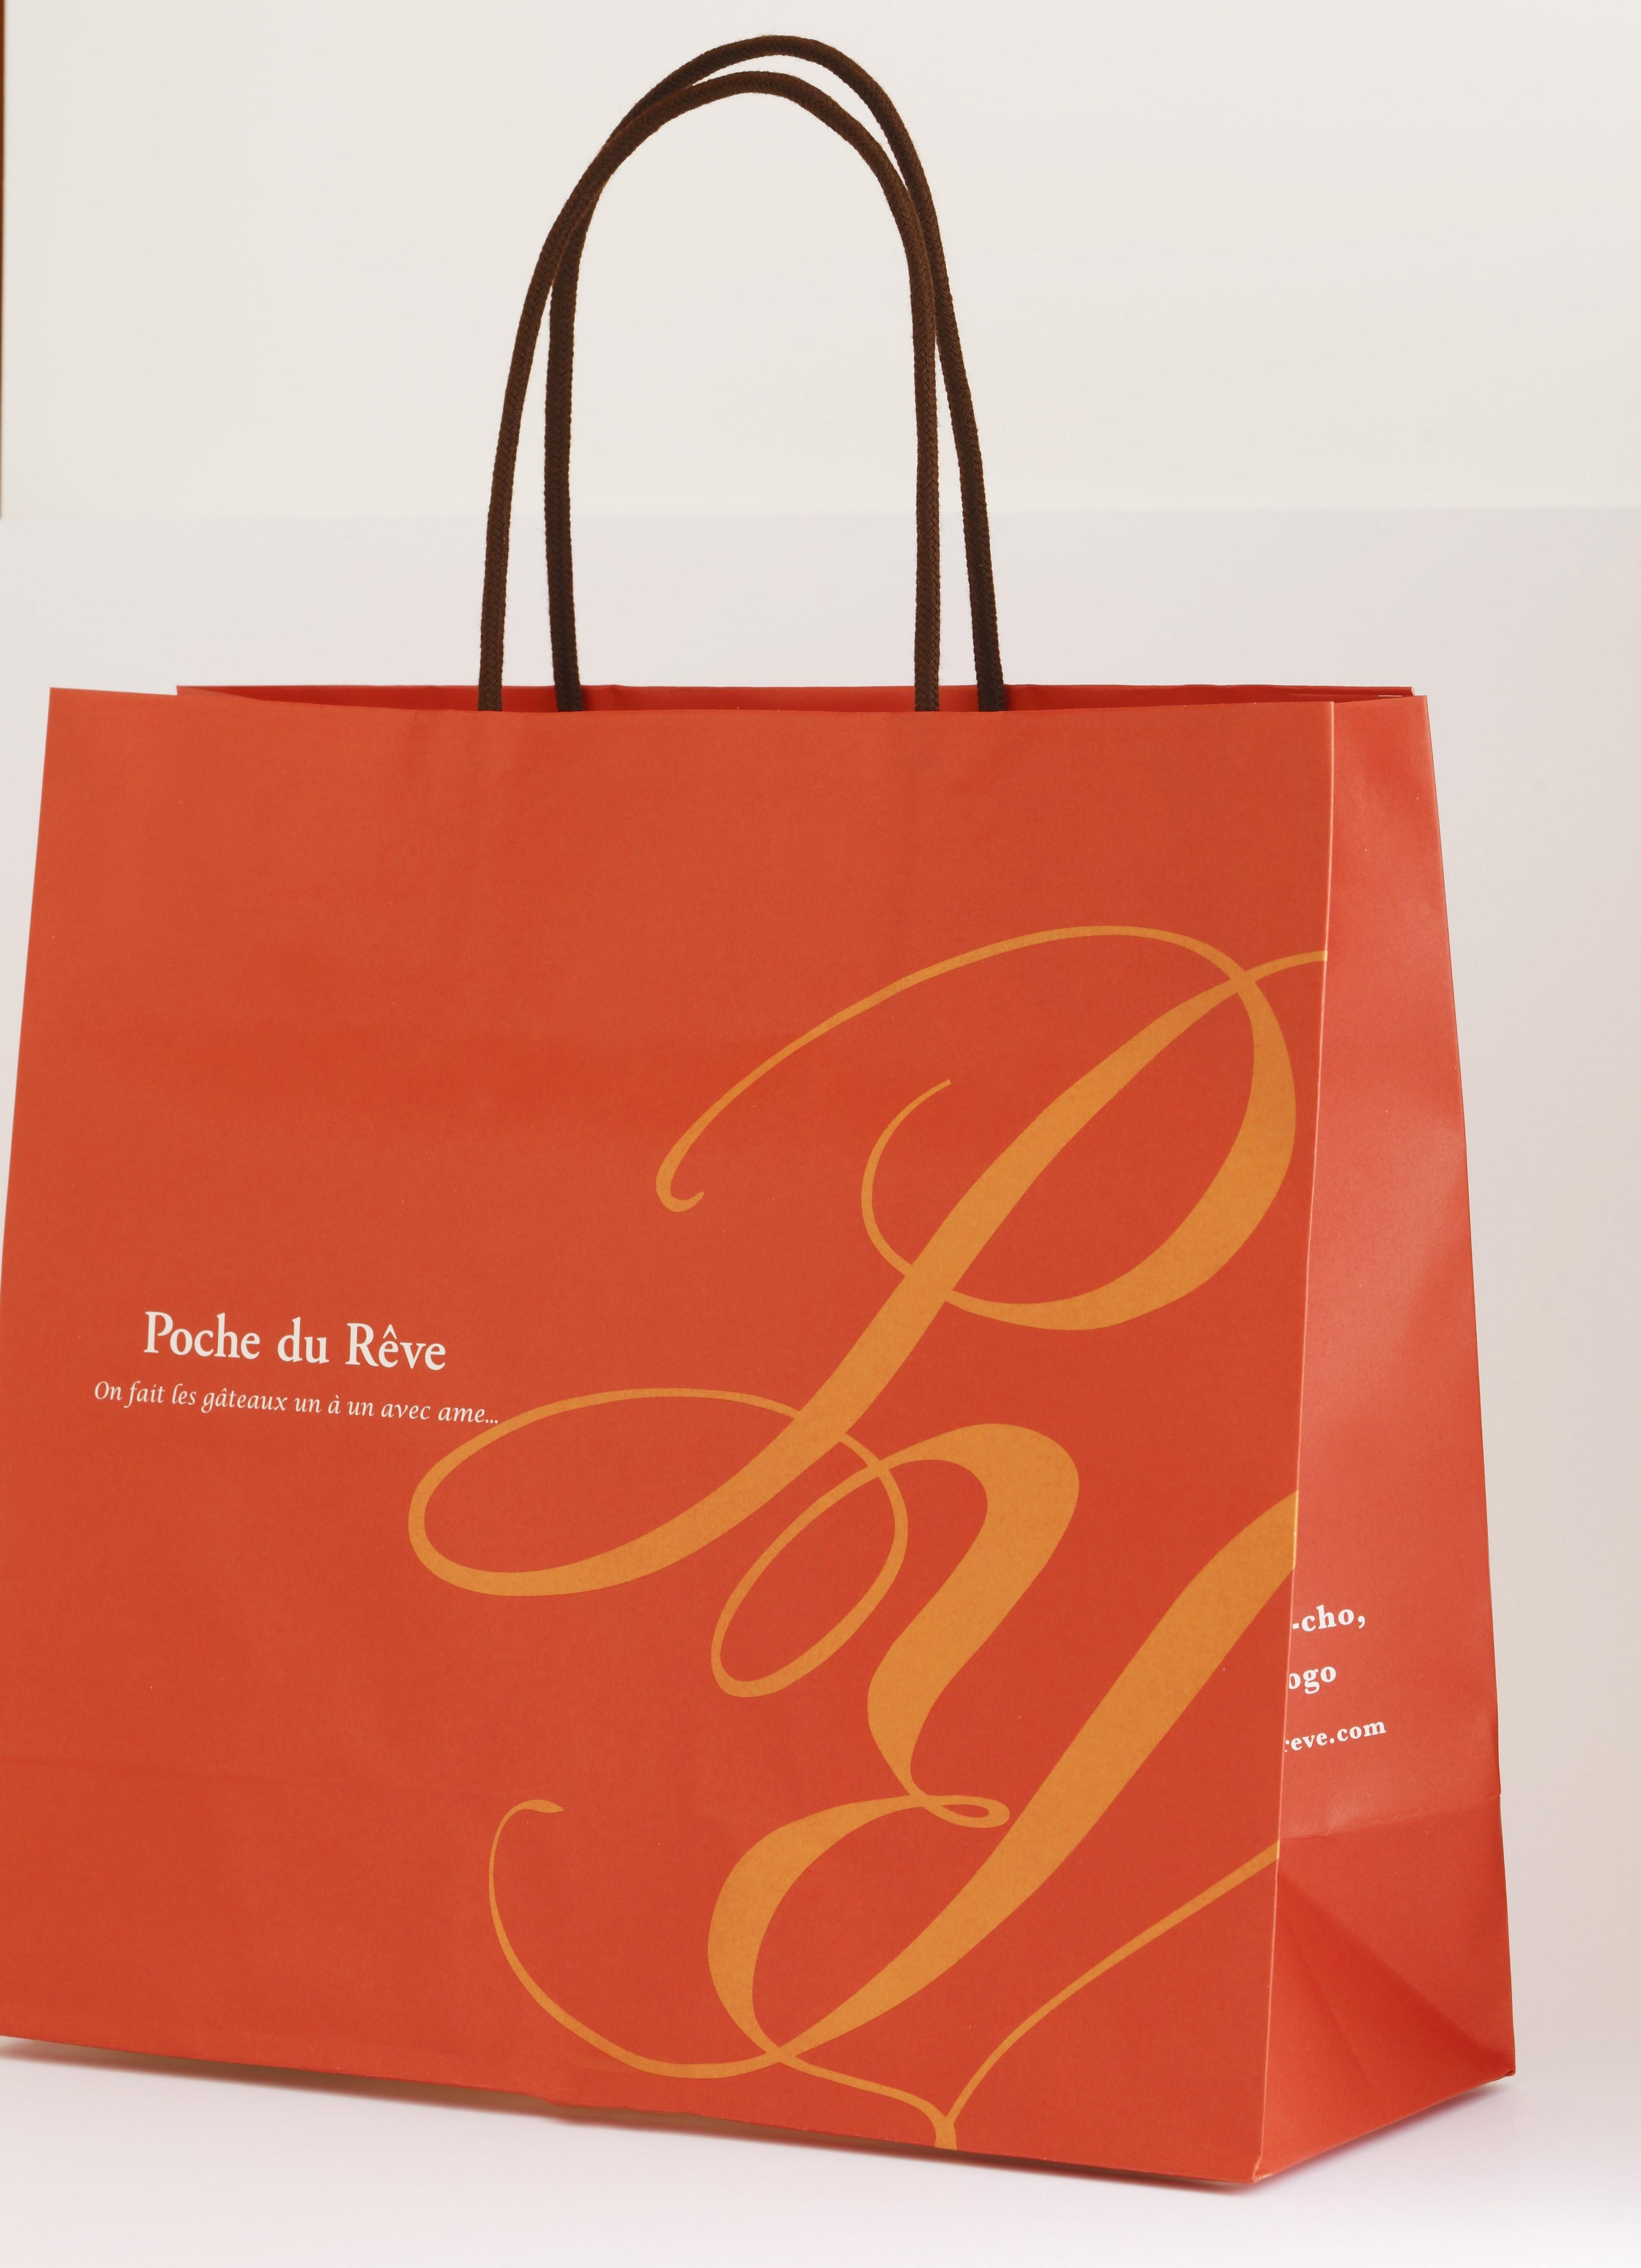 7月からレジ袋の有料化。他の洋菓子店はどうしているか?